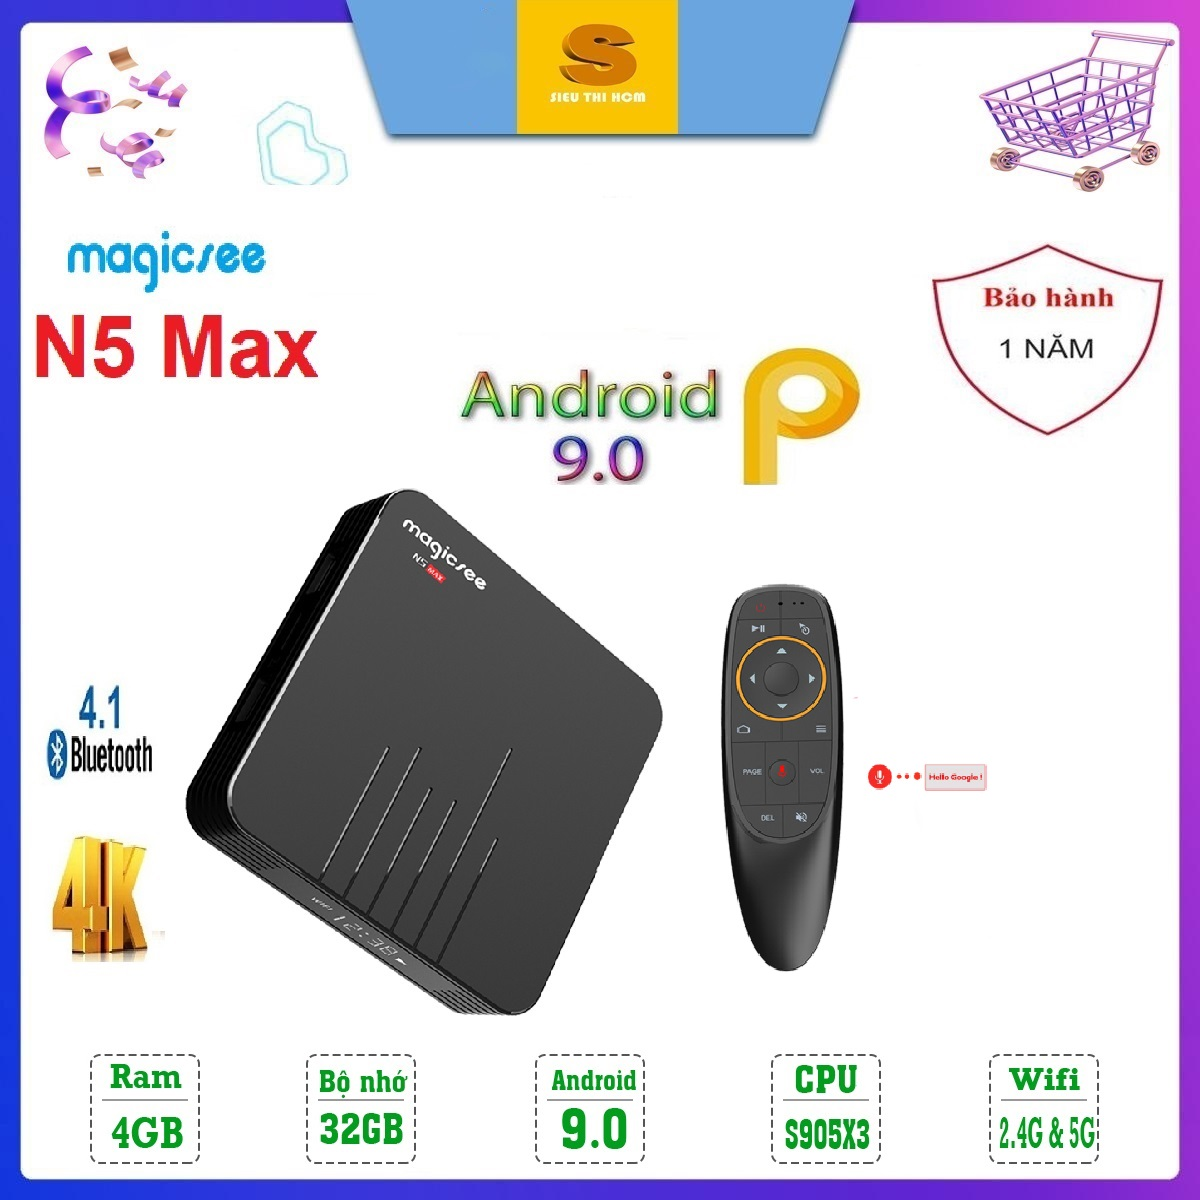 Giá Quá Tốt Để Mua [Có Video] Android Tivi Box Magicsee N5 Max - Ram 4GB, Rom 32GB, Android 9.0 - Chiến Liên Quân, PUPG, Xem Phim Tốc độ Cao - Bảo Hành 1 Năm